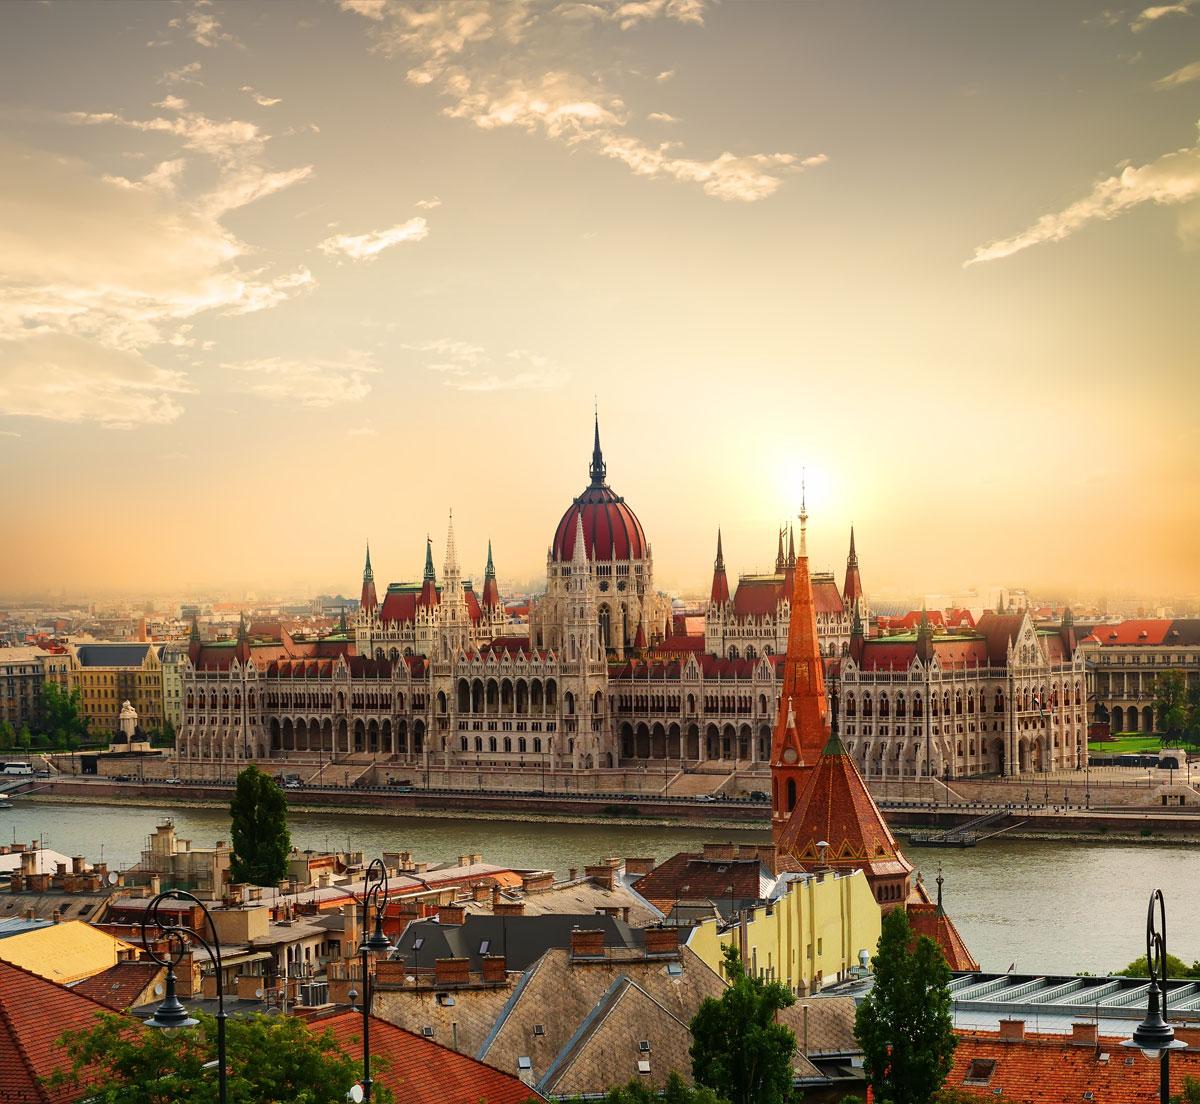 Le Parliament au coucher du soleil